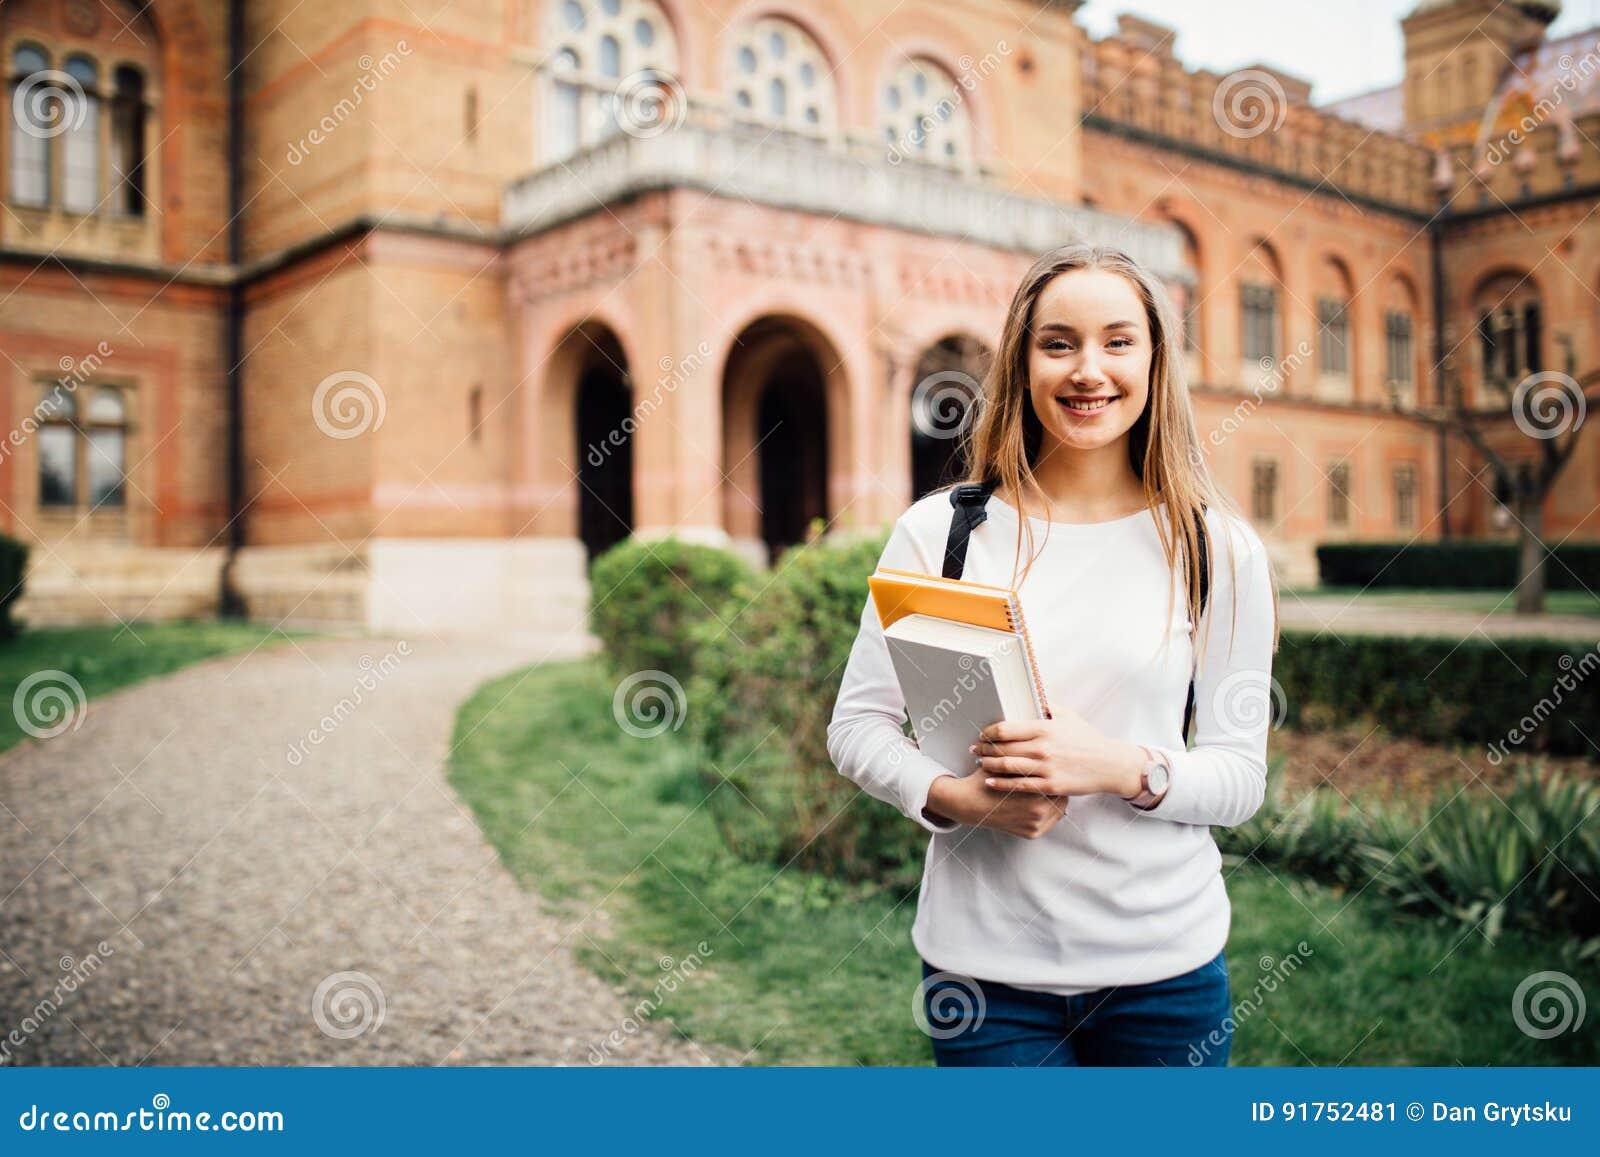 Porträt von Mädchen Hochschulstudenten draußen auf dem Campus